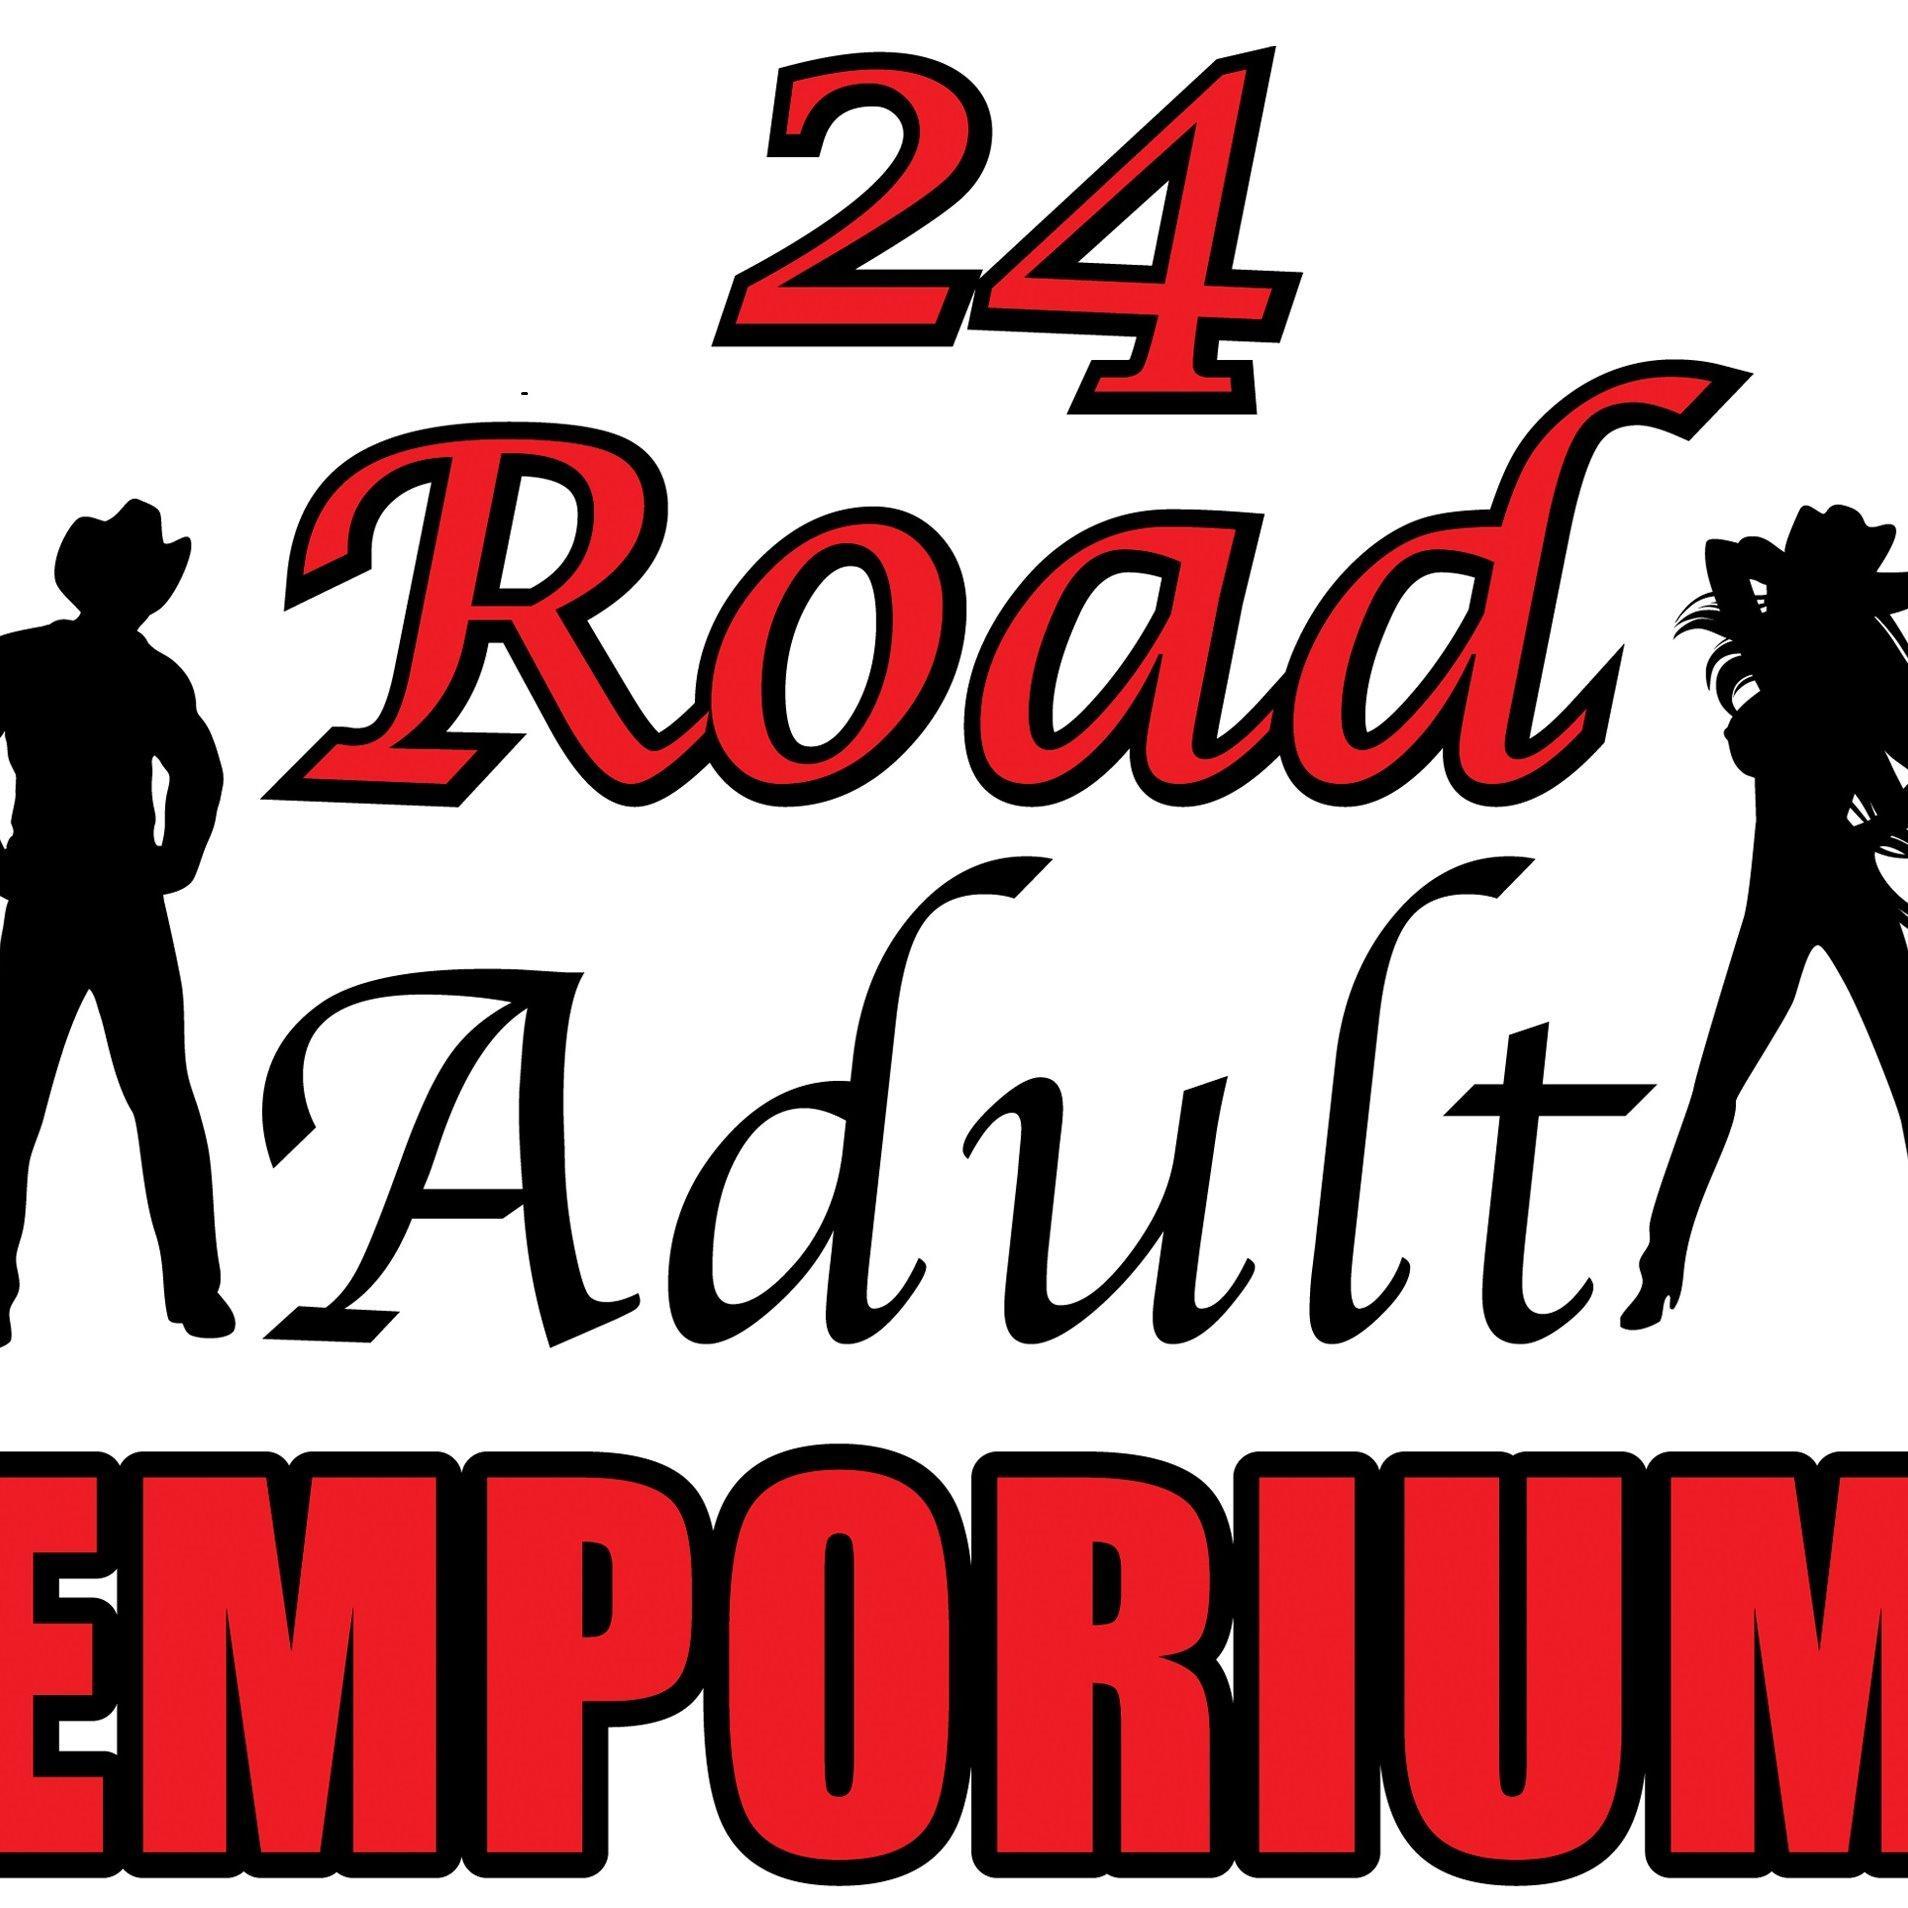 24 Road Emporium